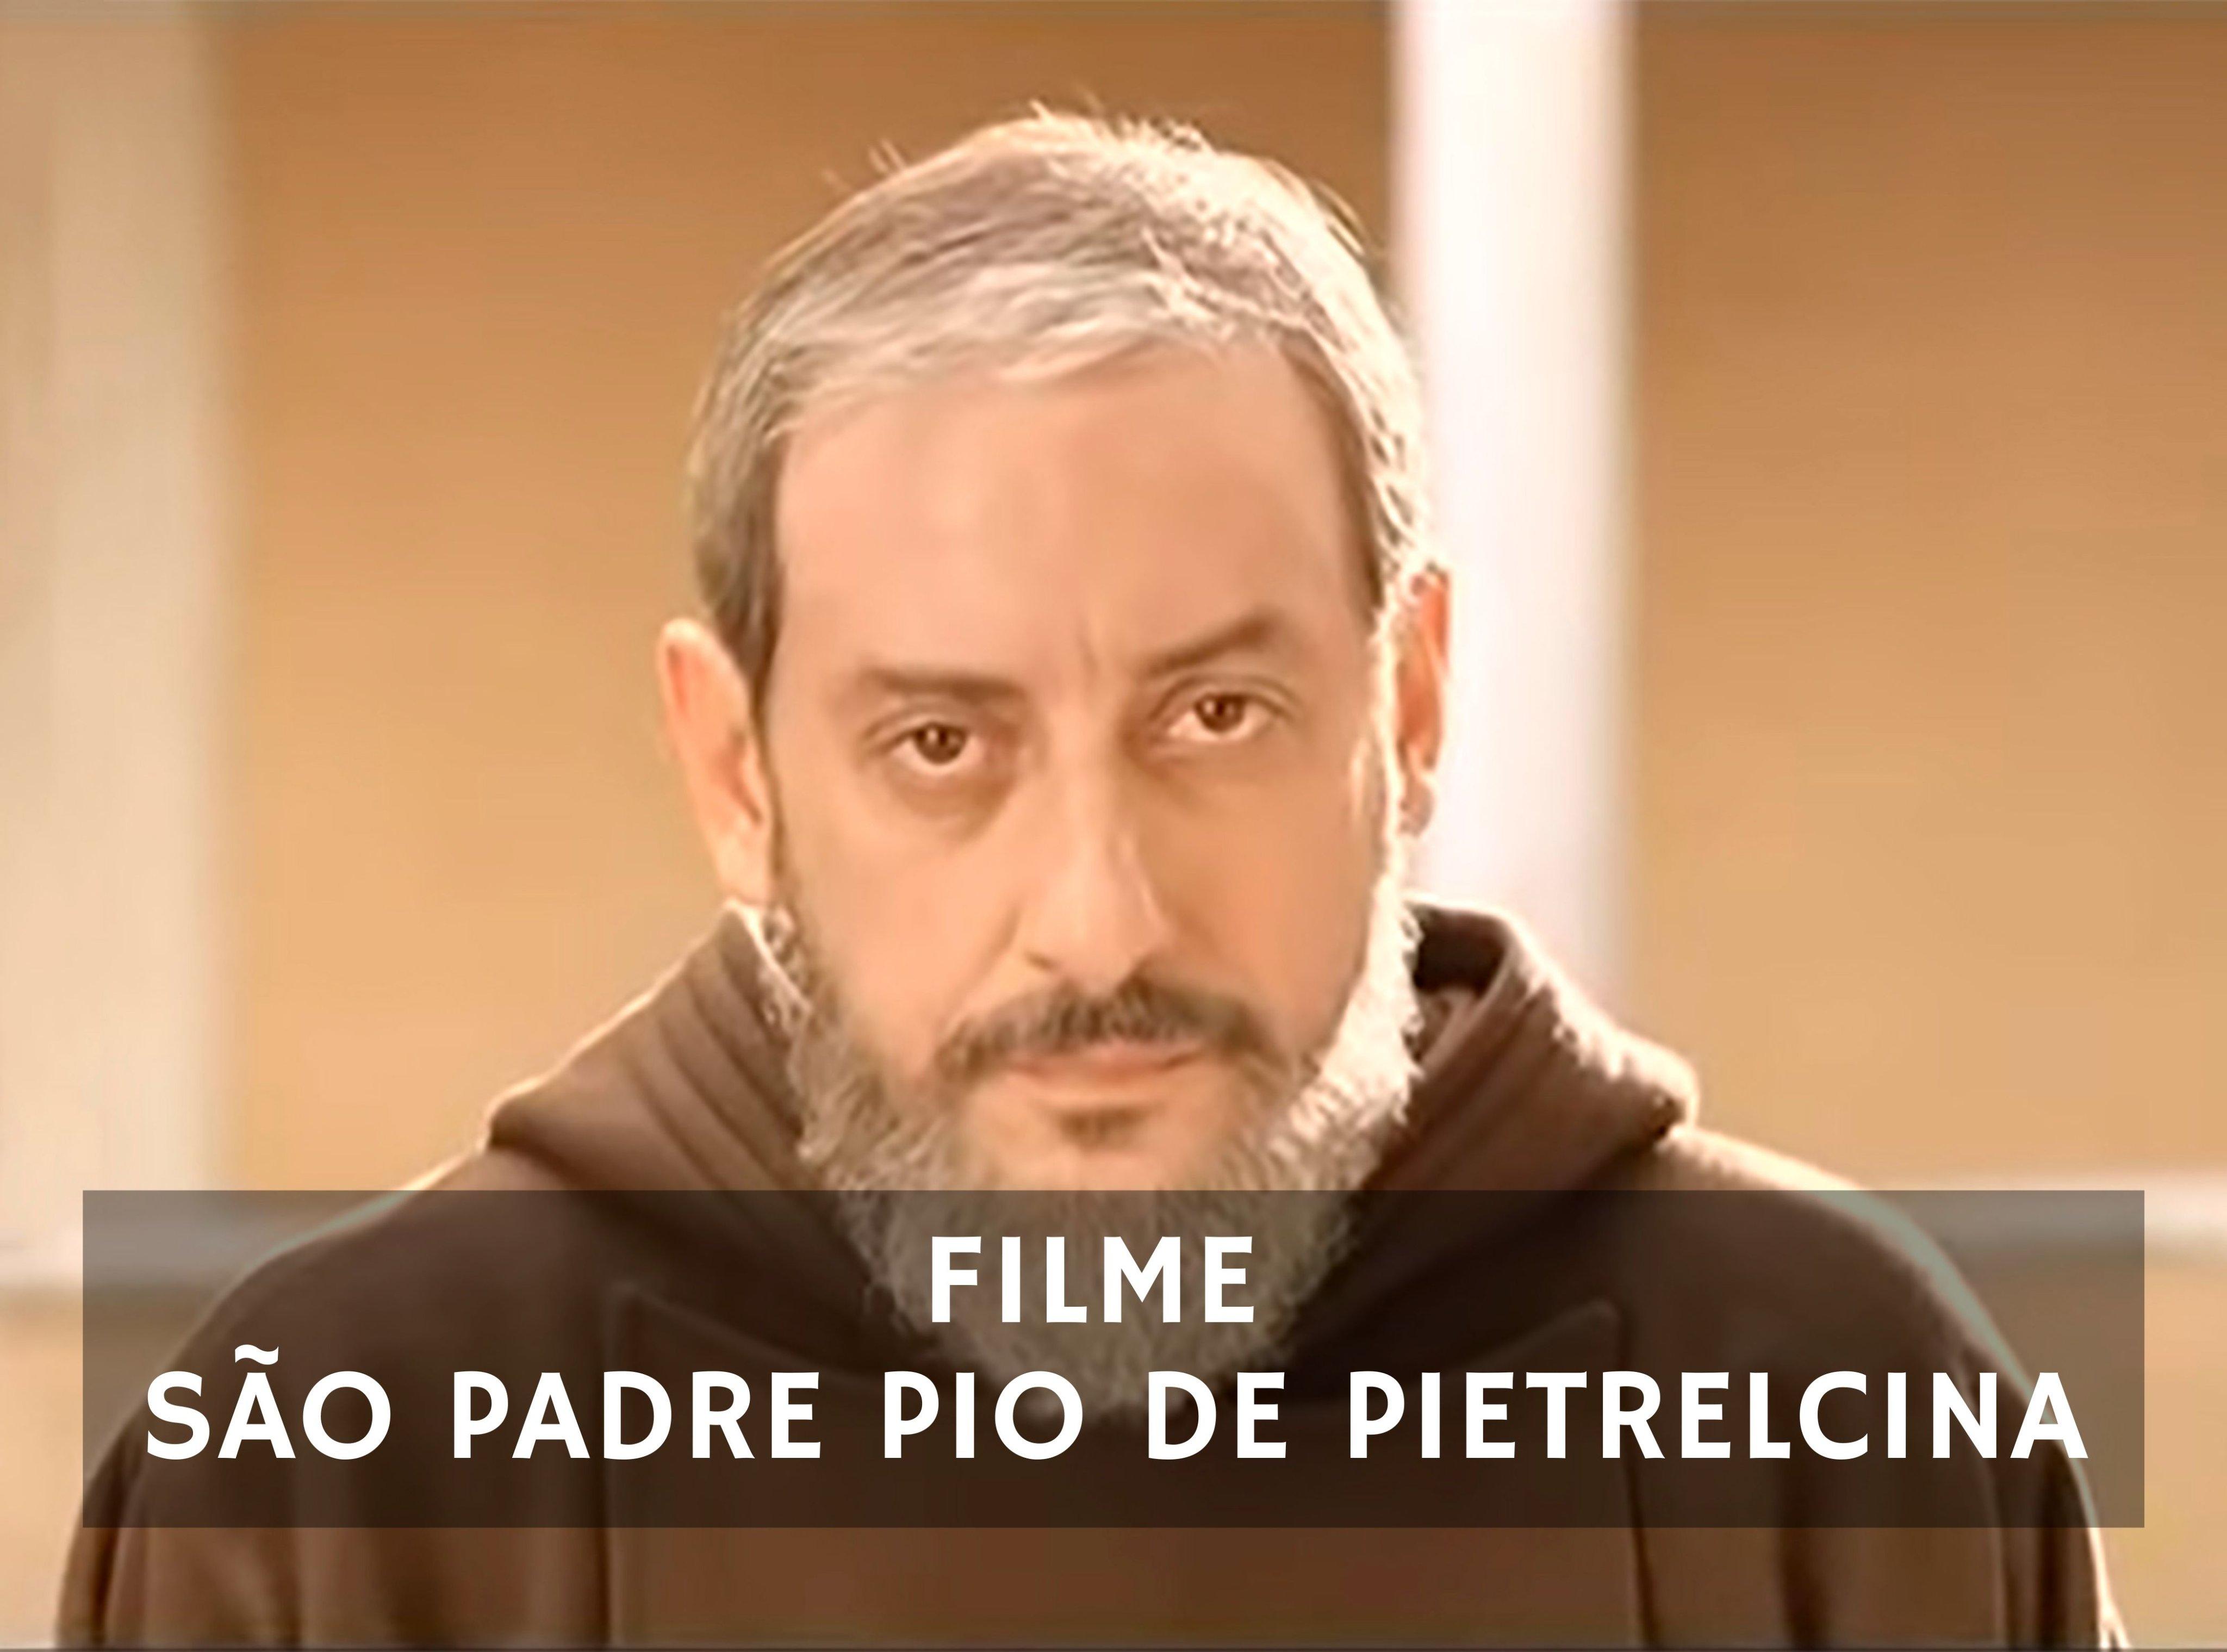 Filme de São Padre Pio de Pietrelcina